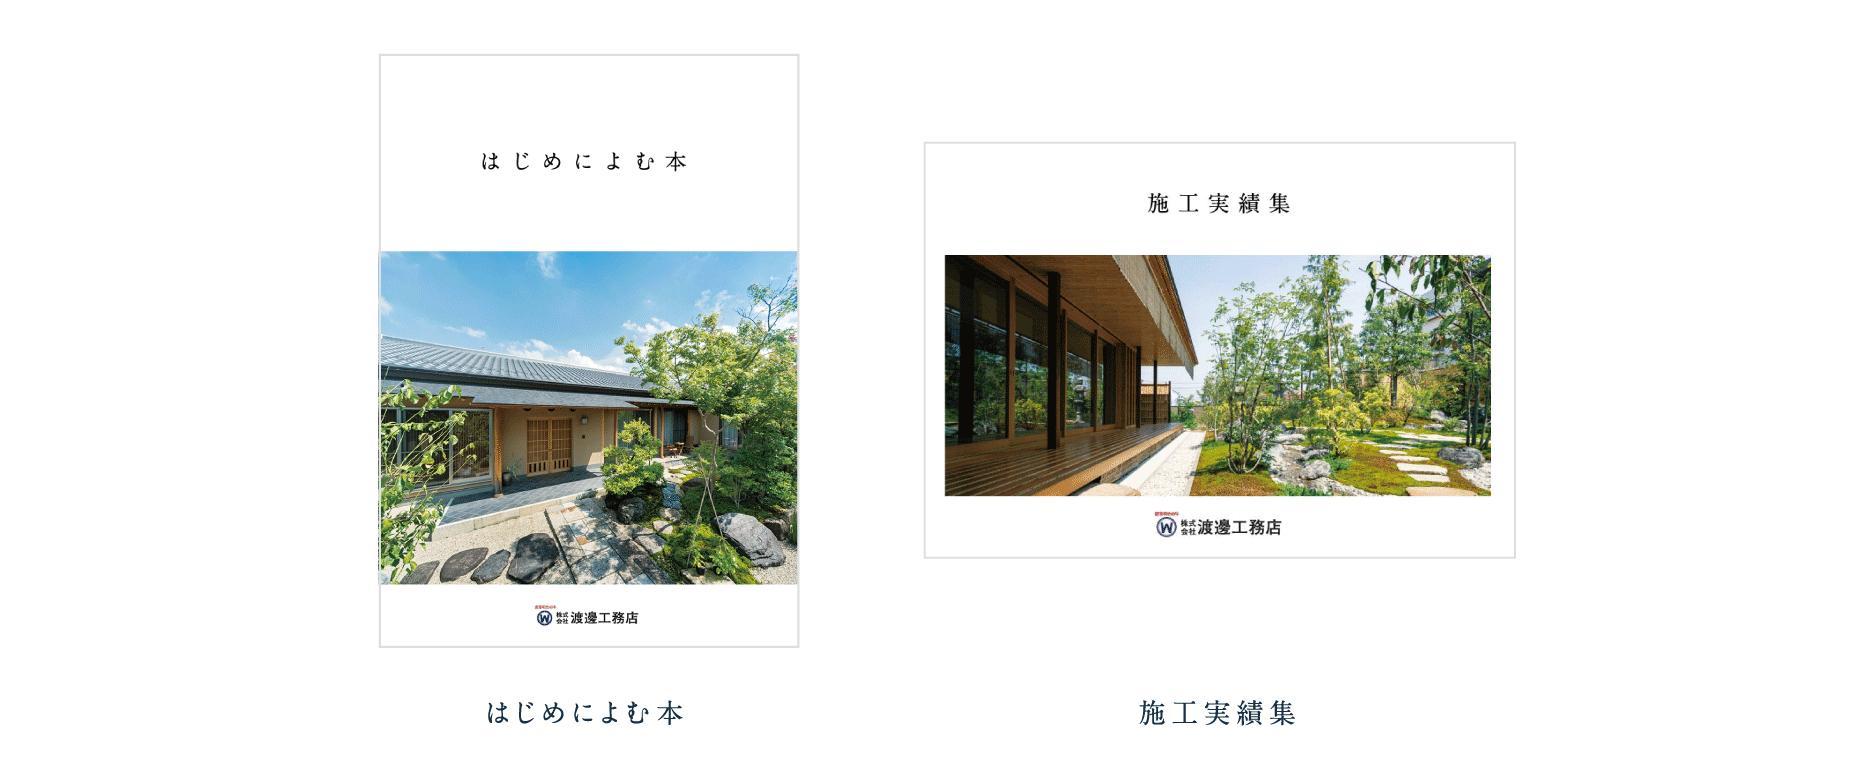 天然木の家総合ガイド(会社案内)・天然木の家標準仕様ガイド・最寄りの展示場パンフレット